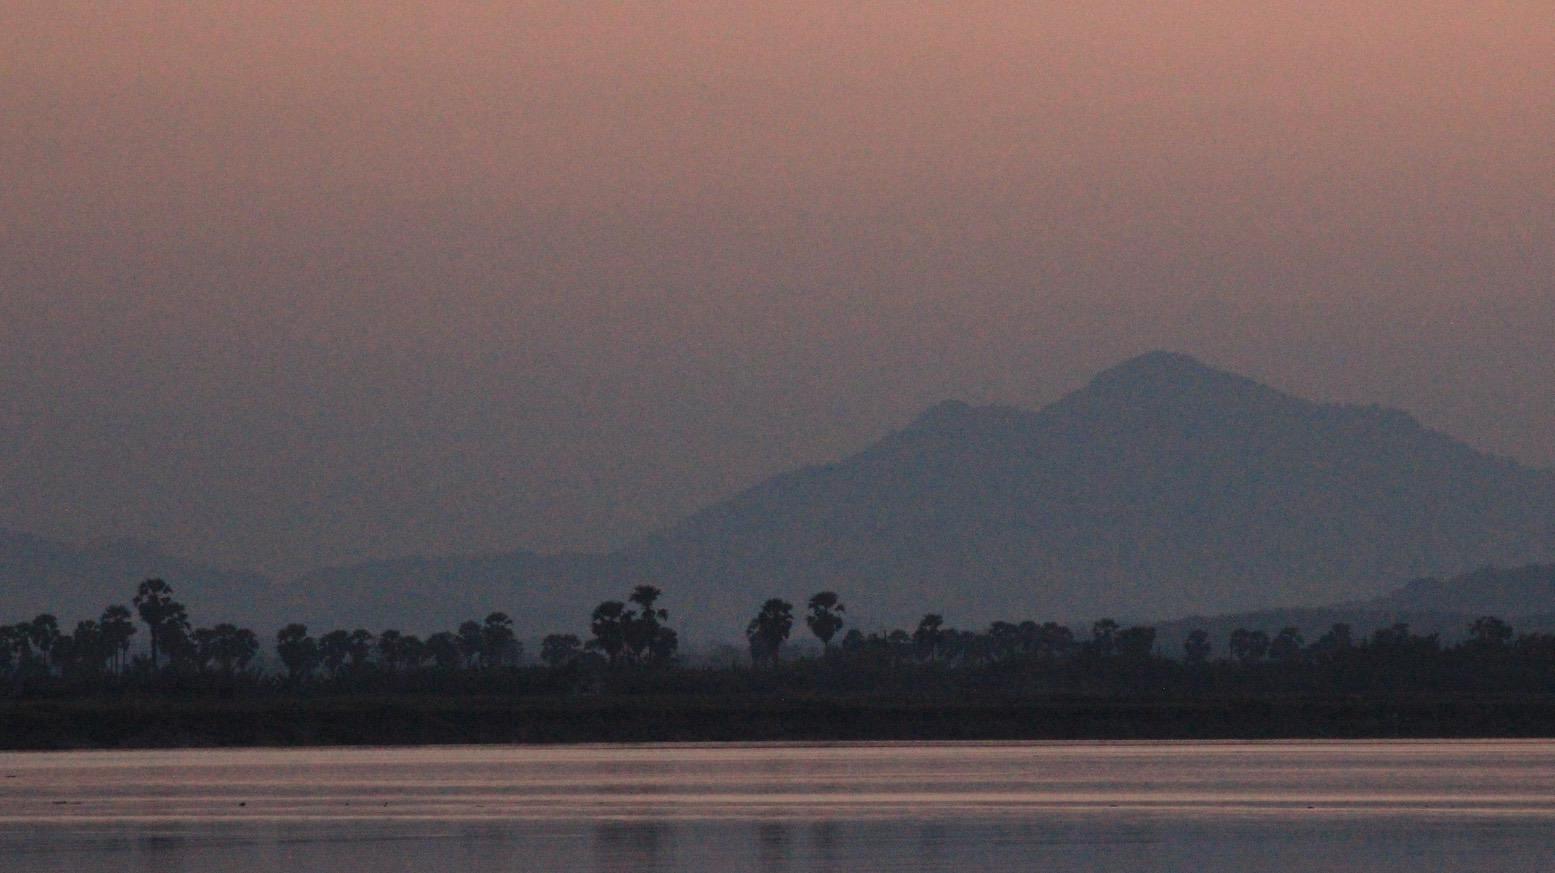 Elías Escribano en Birmania por Navidad06 - Perlé desea FELIZ NAVIDAD a todos sus seguidoresdesde Birmania.